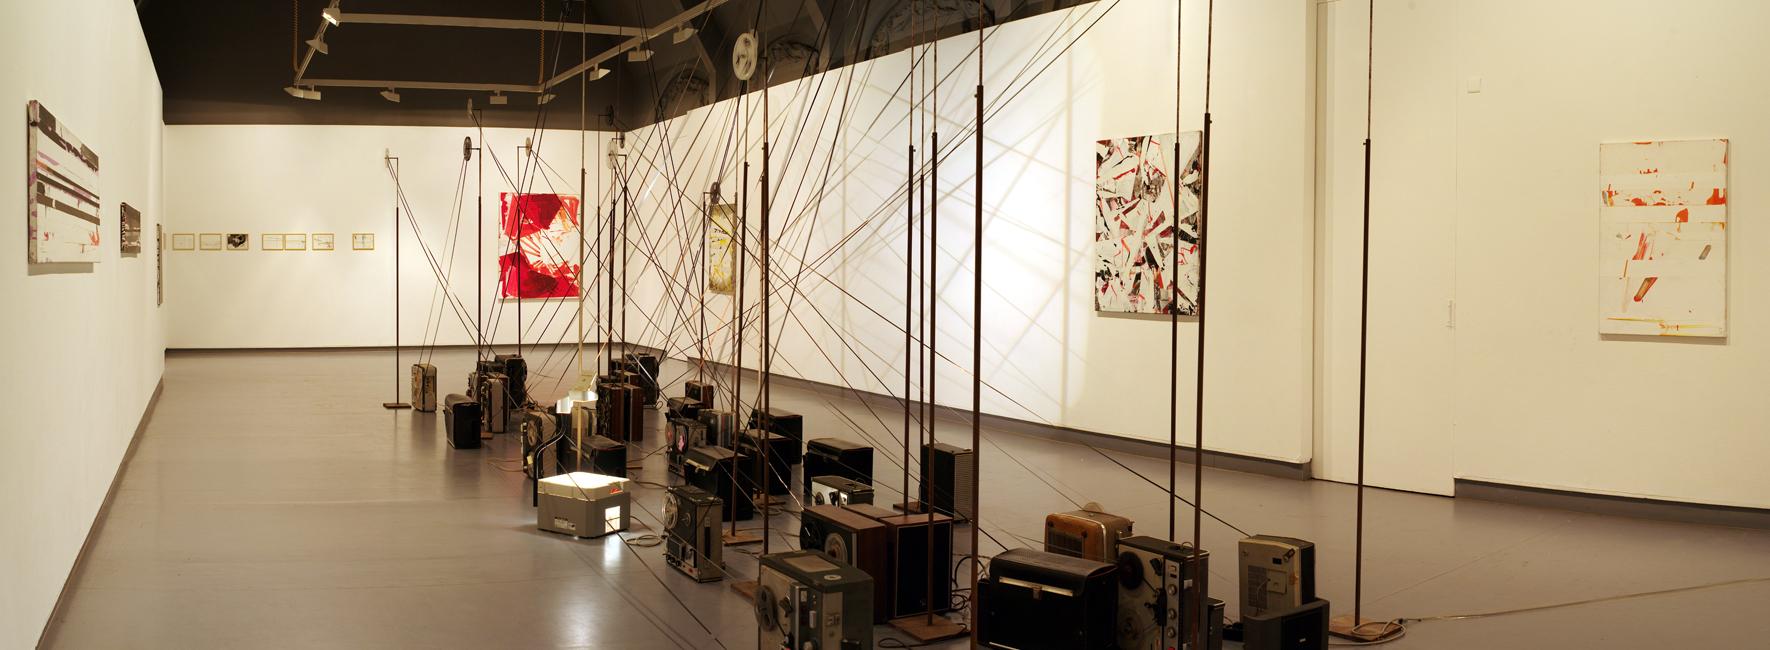 'Mehr in Blau', paintings/drawings Bart Vandevijvere & soundinstallation Bart Maris, CC Gildhof, Tielt, 2012